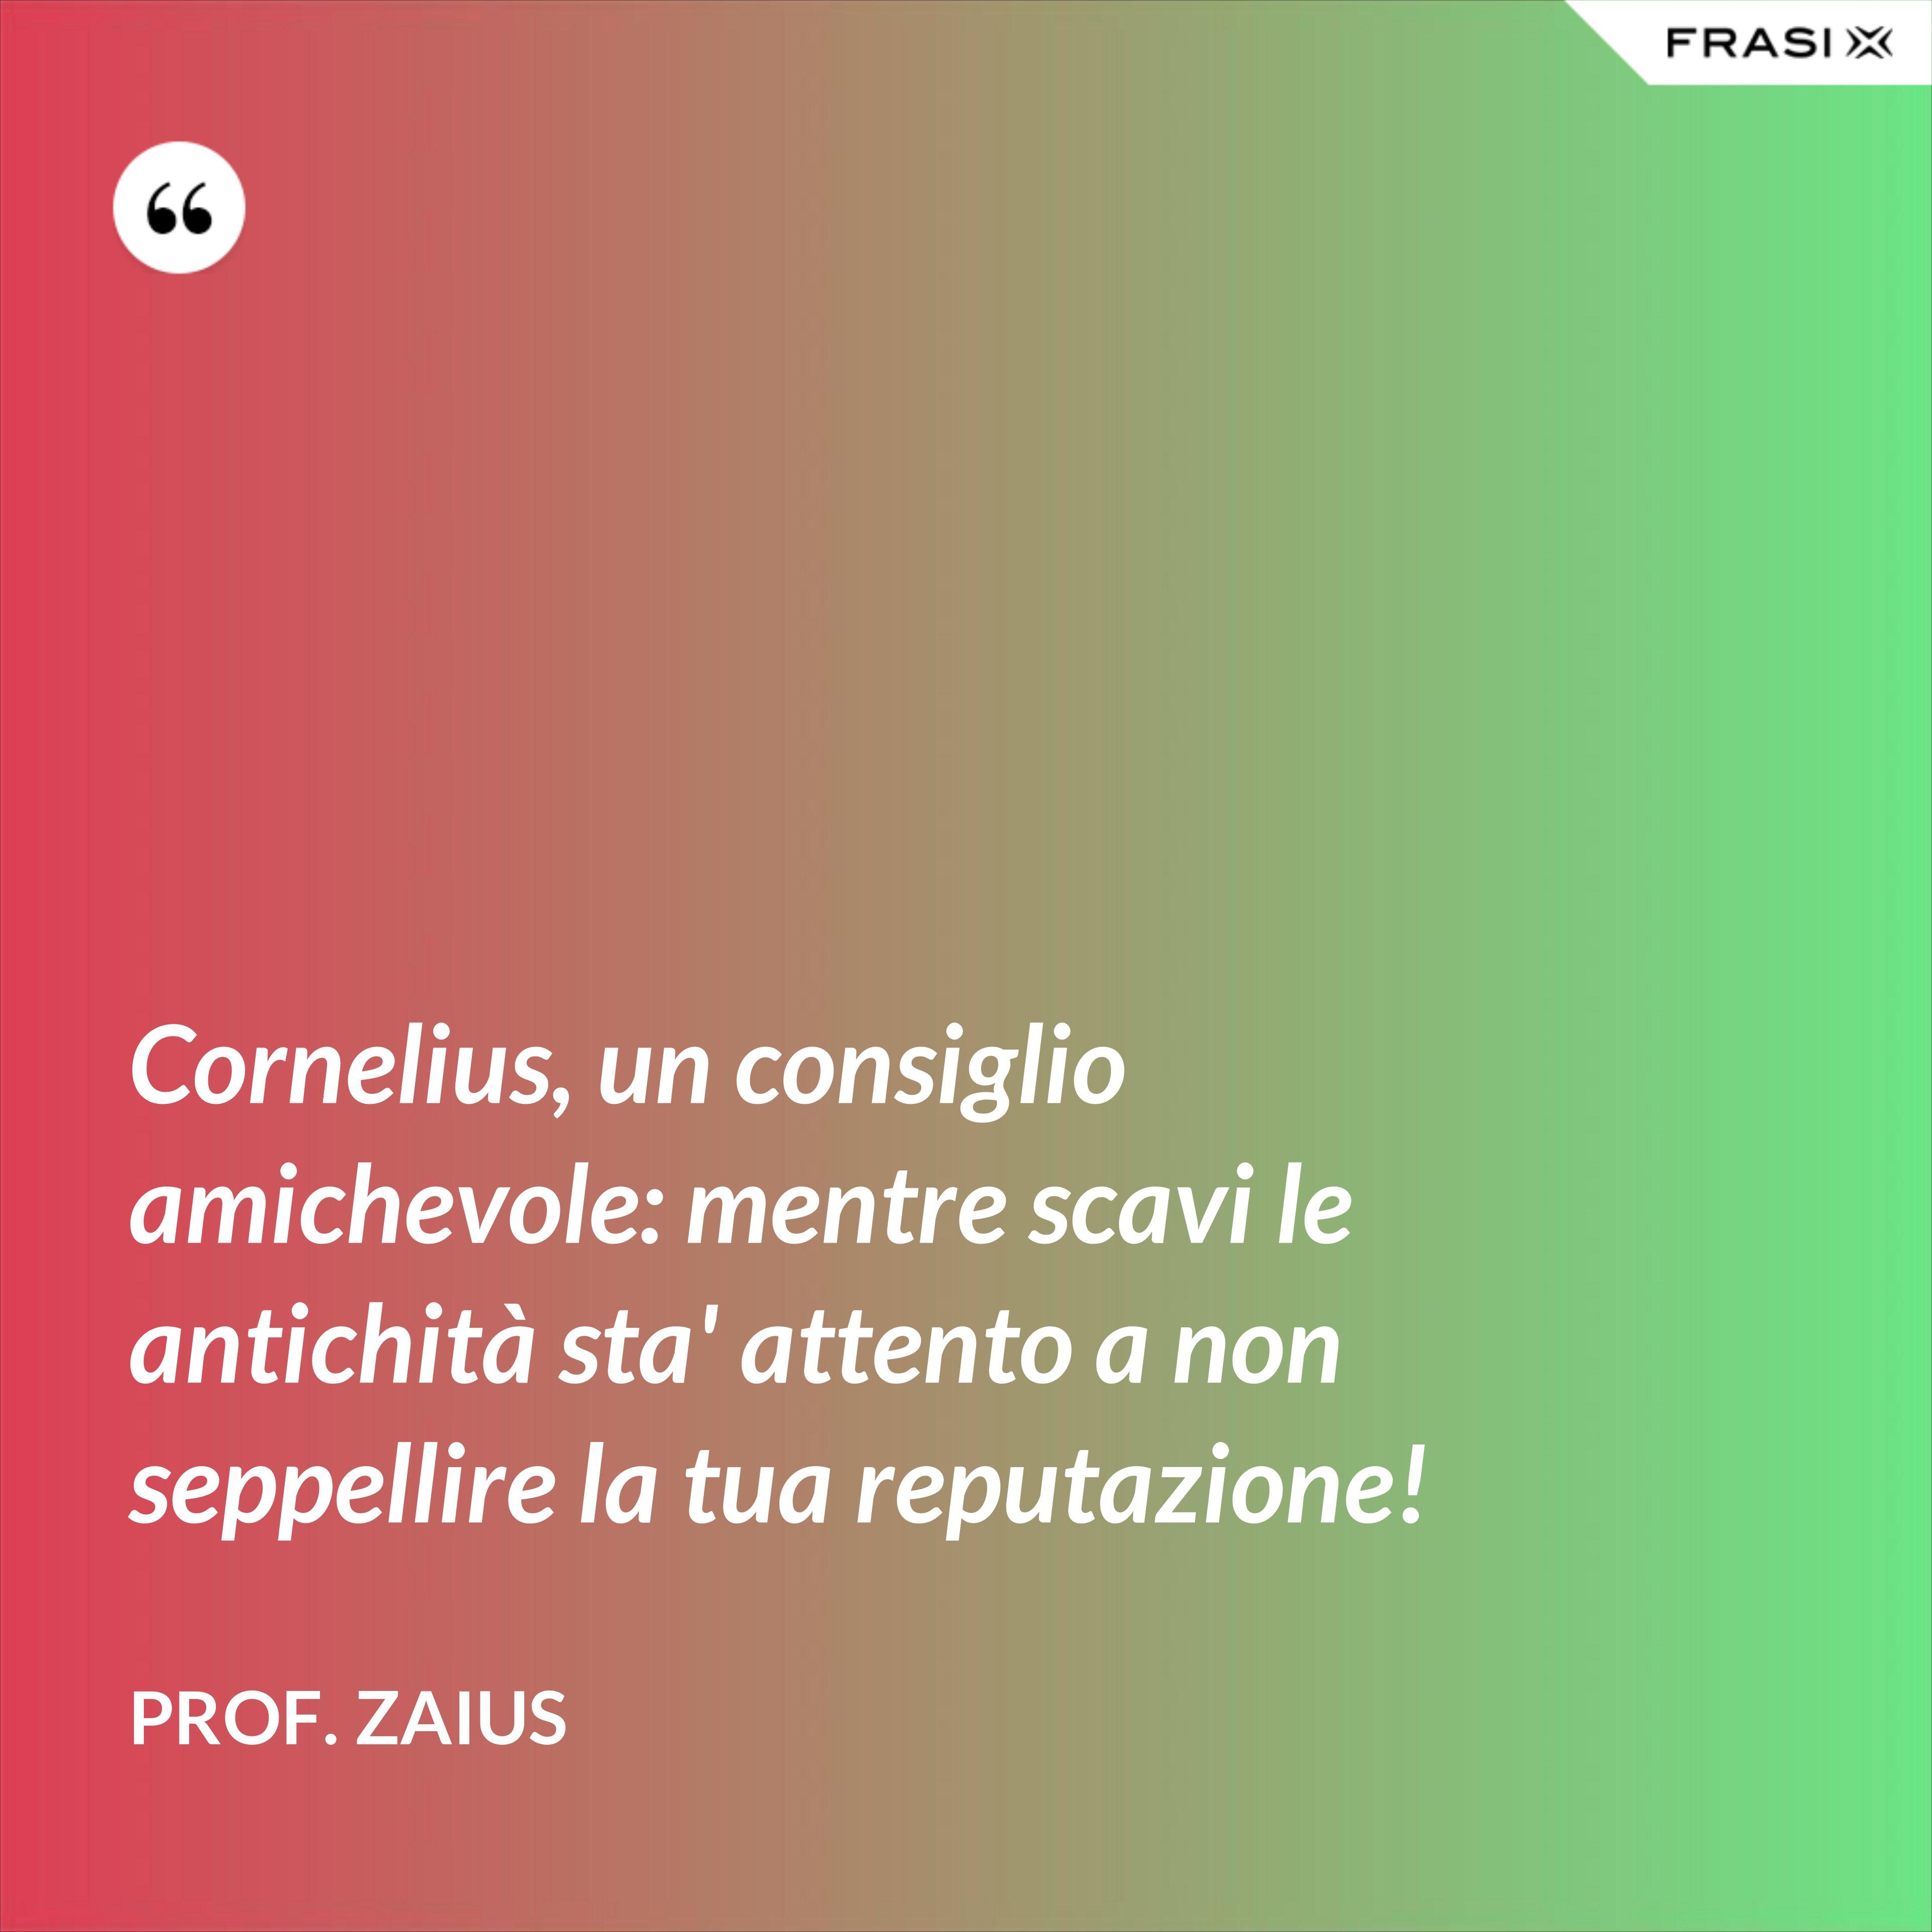 Cornelius, un consiglio amichevole: mentre scavi le antichità sta' attento a non seppellire la tua reputazione! - Prof. Zaius